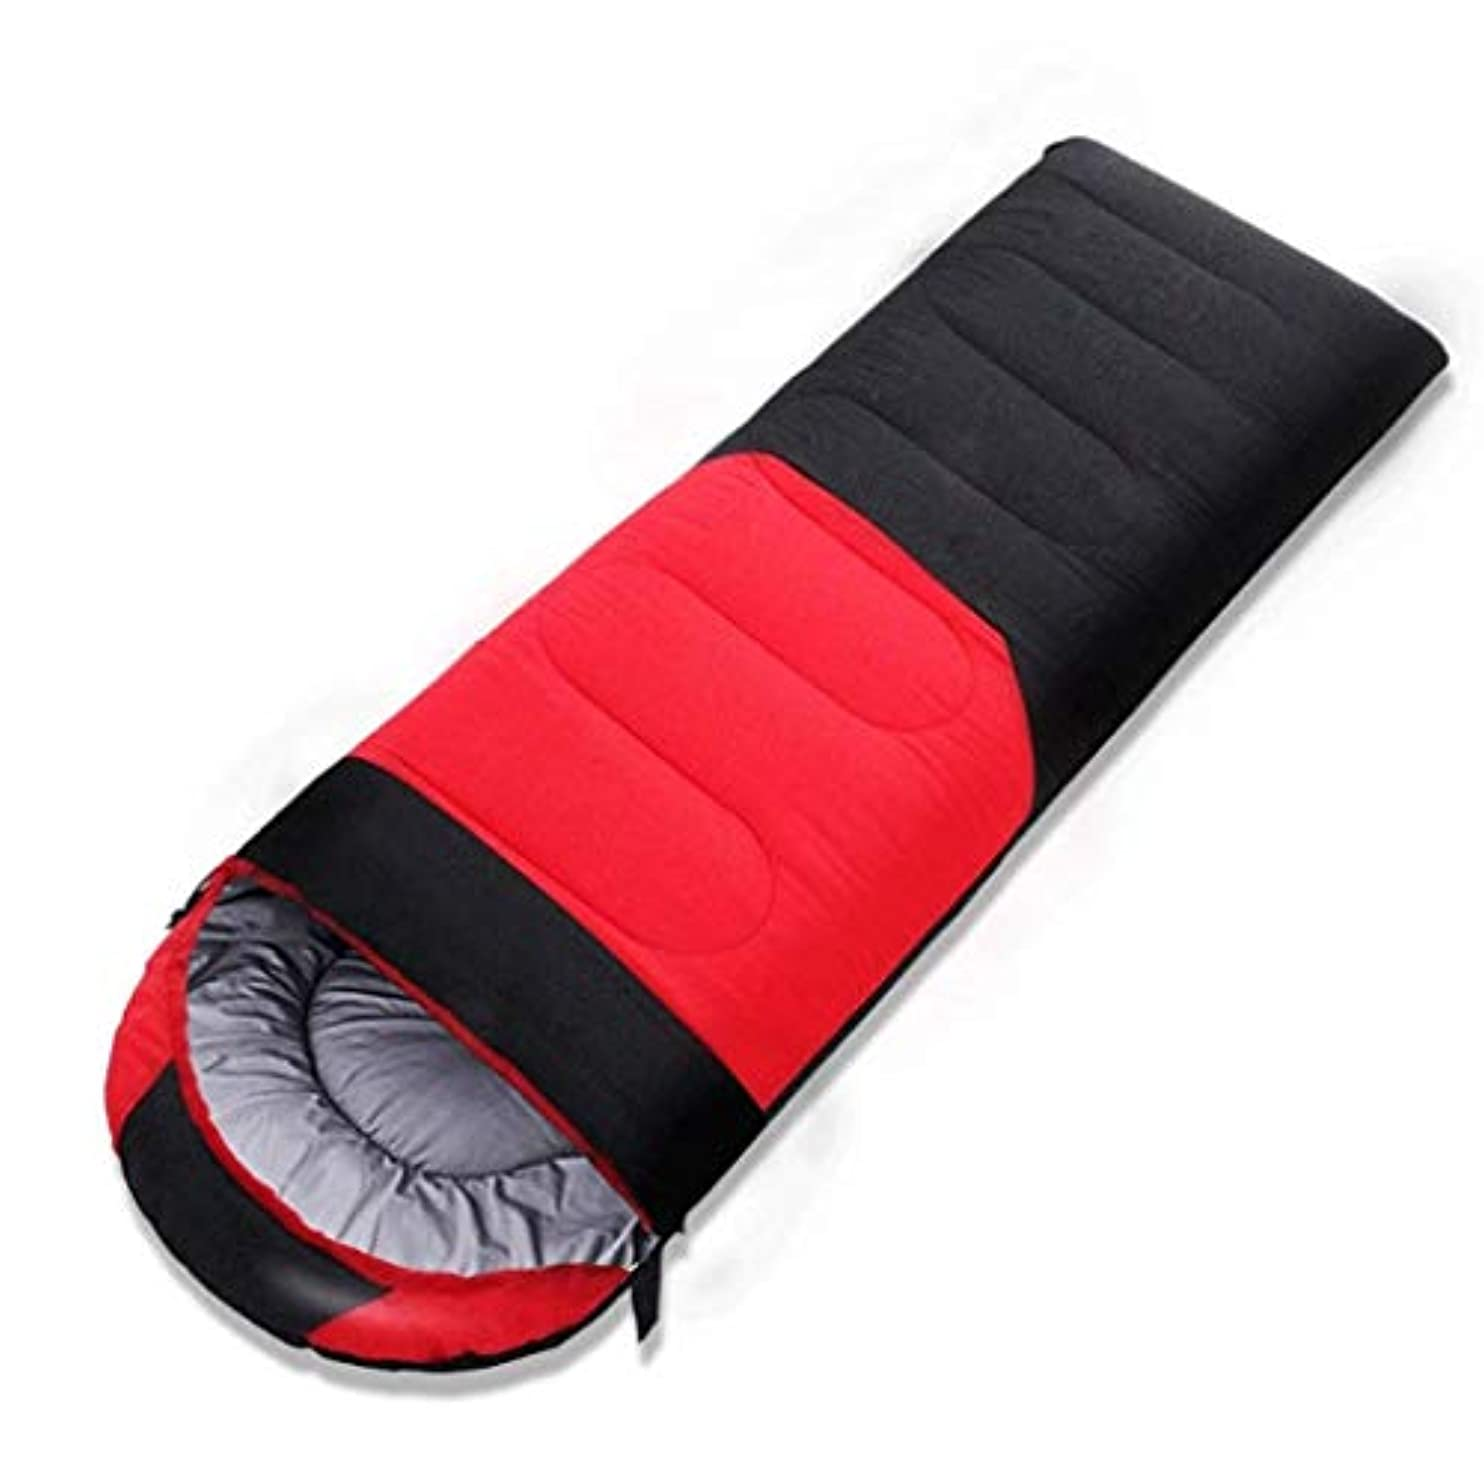 芝生ハブブ露骨な封筒スリーピングバッグオフィスランチブレイクはステッチされることができます大人のキャンプコットン (色 : Red, サイズ さいず : 1.6kg)